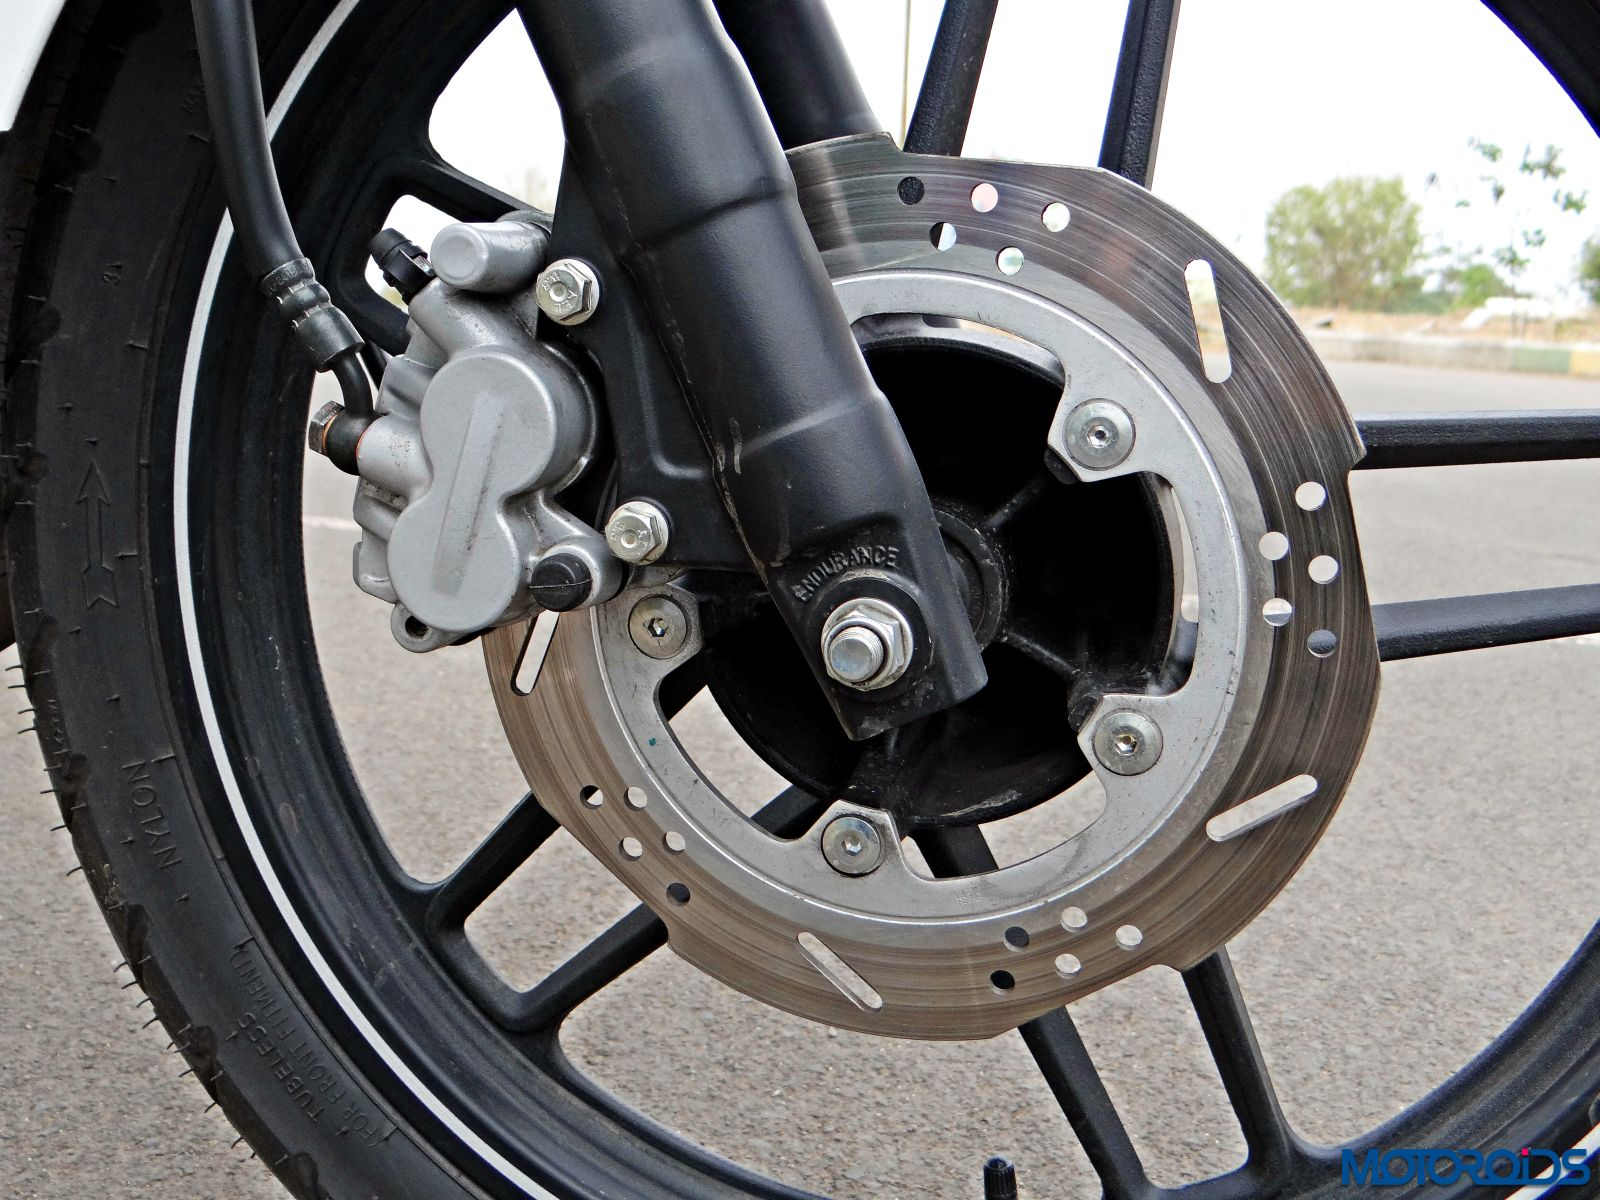 Bajaj V15 - Review - Details - Front Wheel - Suspension - Brake (2)